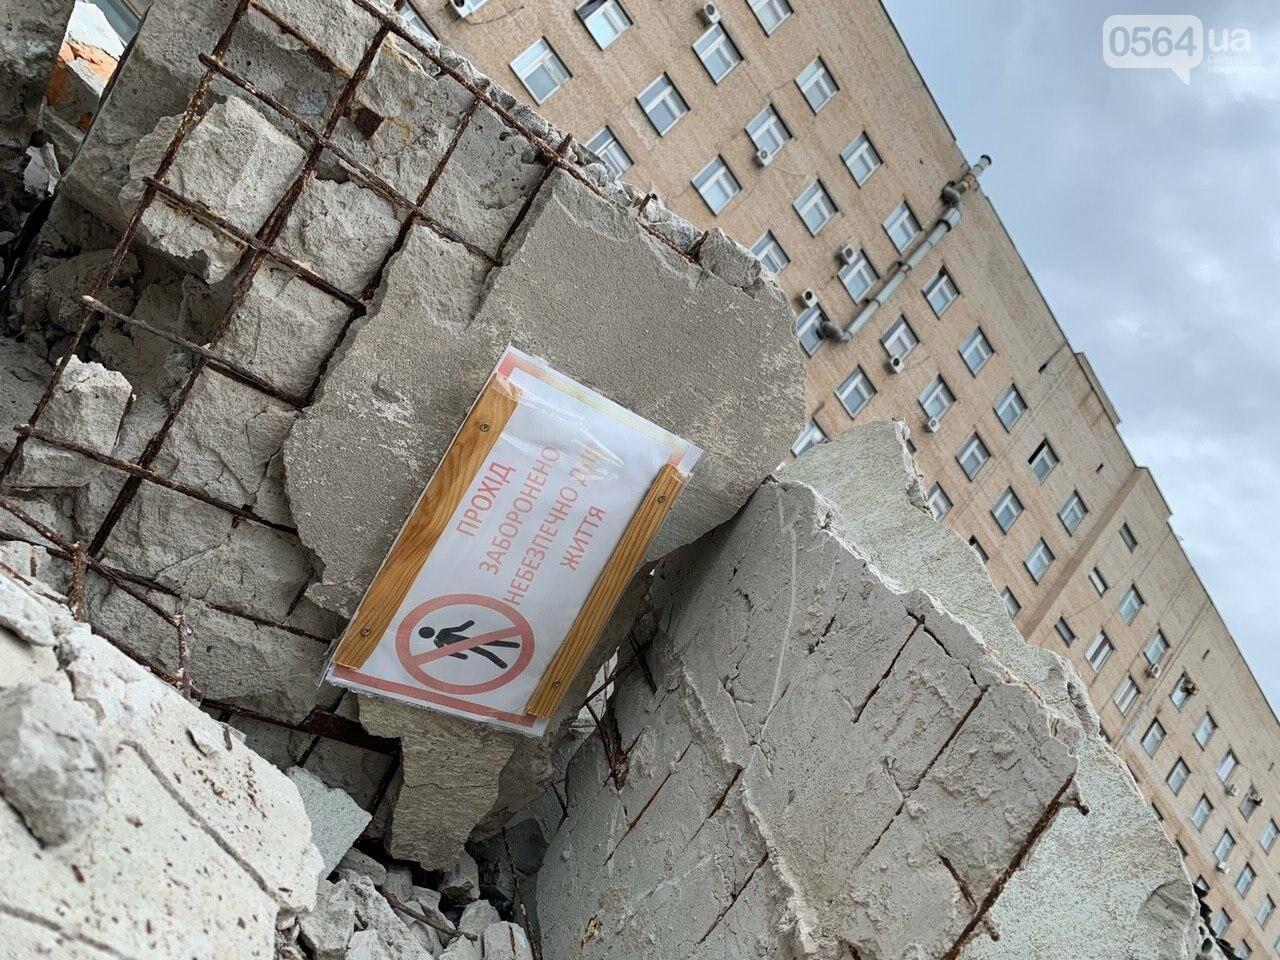 """В Кривом Роге стартовала реконструкция входа в главный корпус """"тысячки"""", - ФОТО, фото-21"""